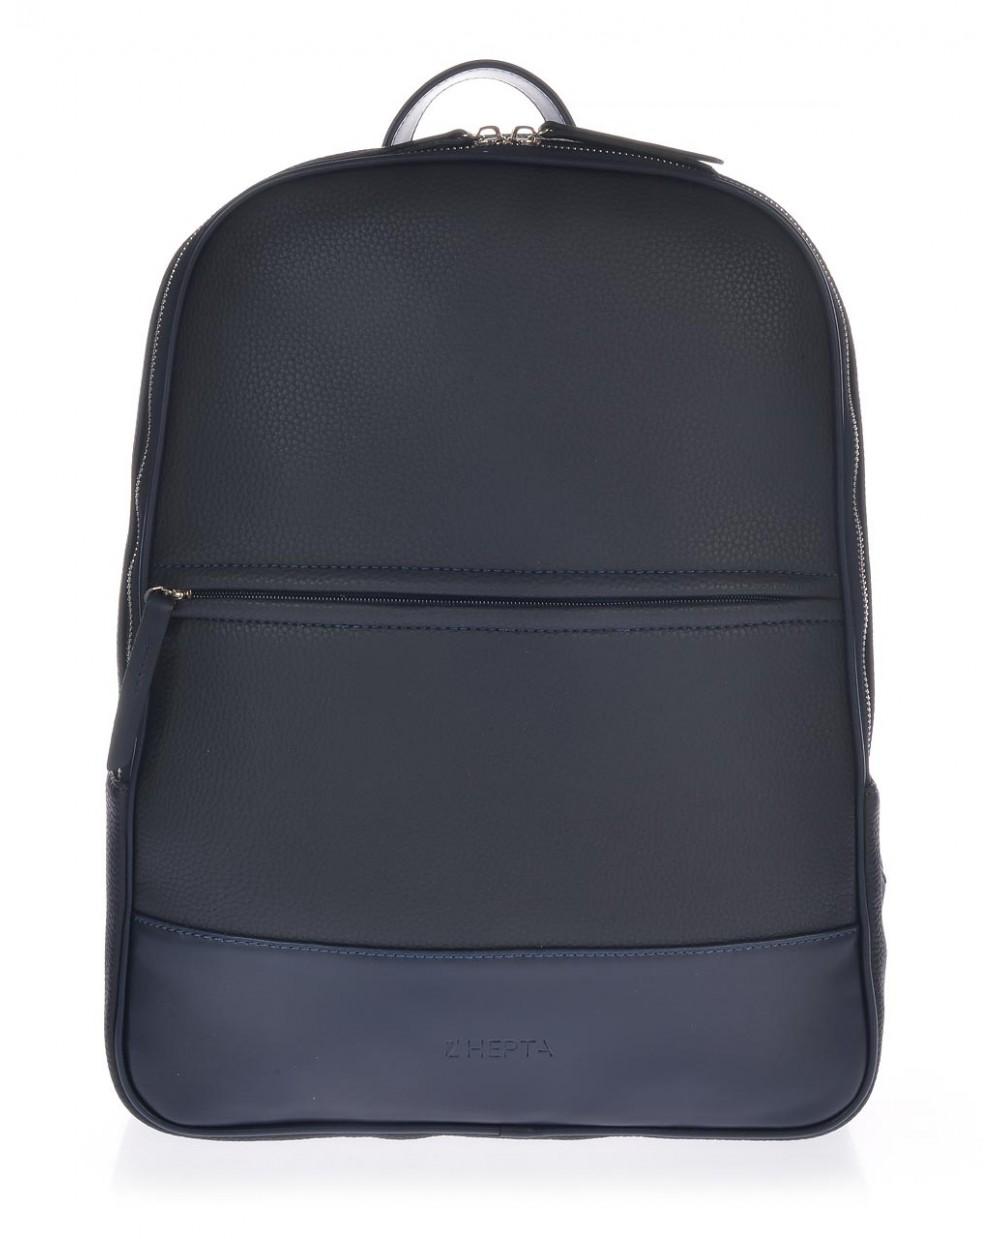 BACKPACK 9501